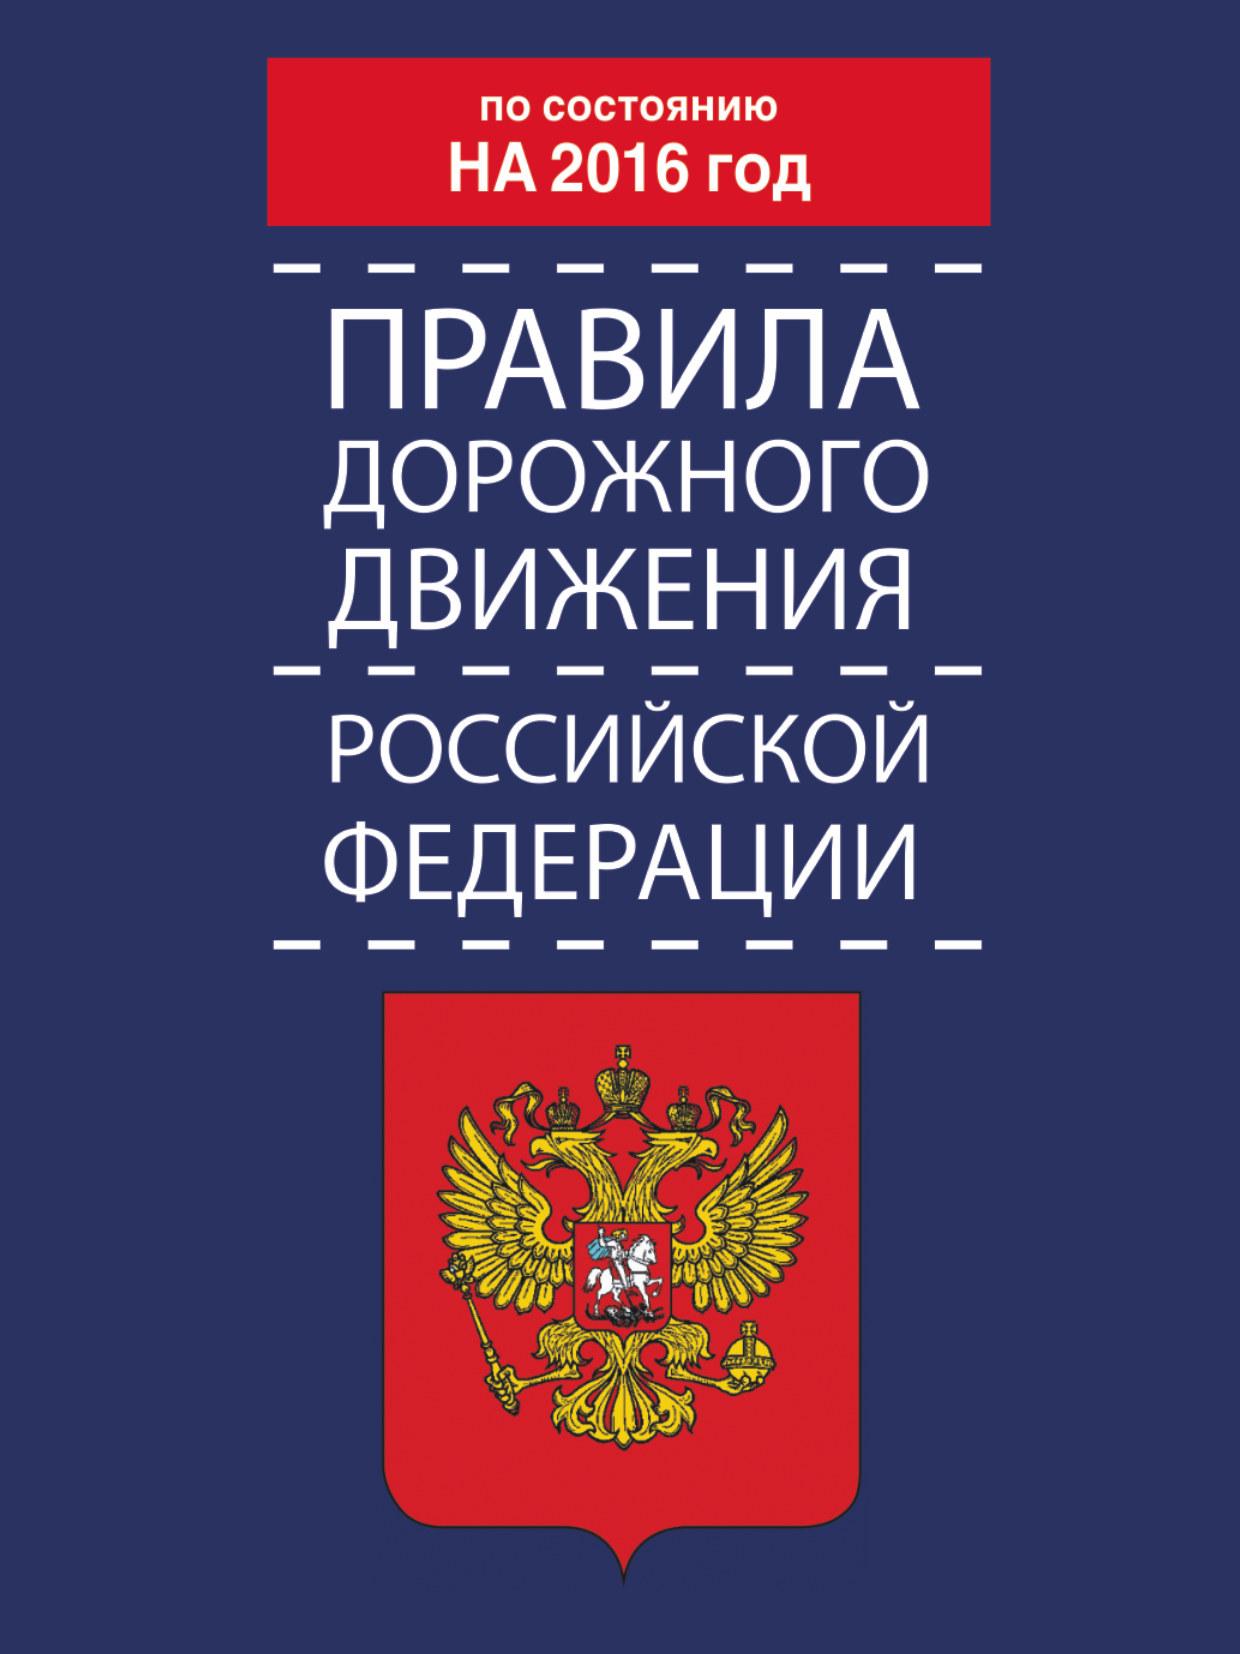 Правила дорожного движения Российской Федерации. По состоянию на 2016 год